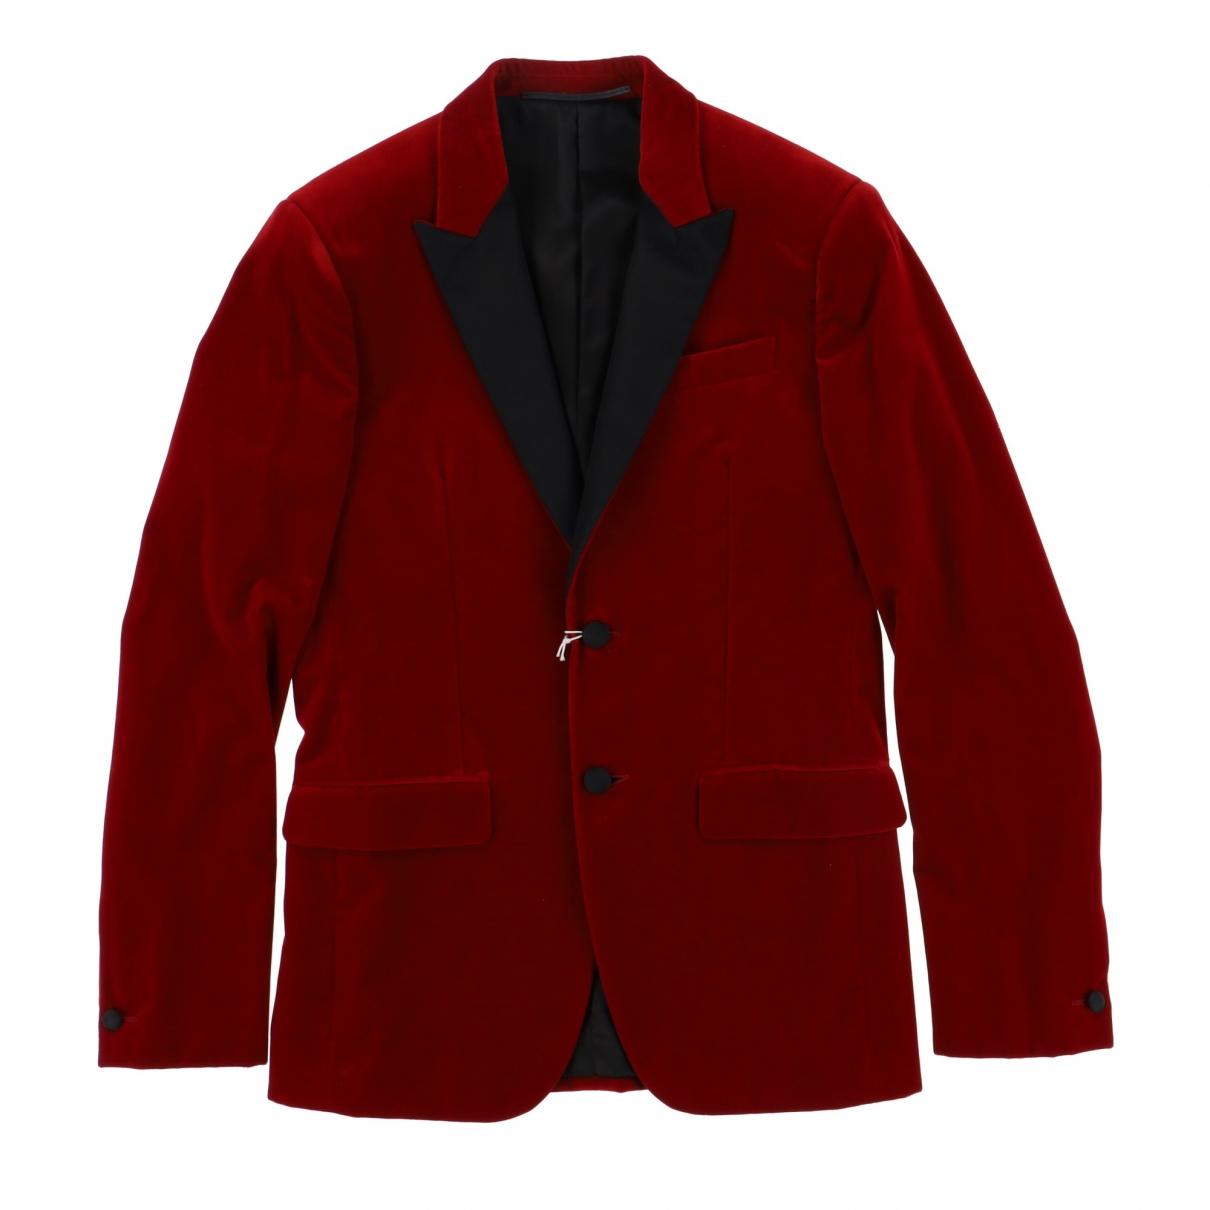 Givenchy - Vestes.Blousons   pour homme en velours - rouge